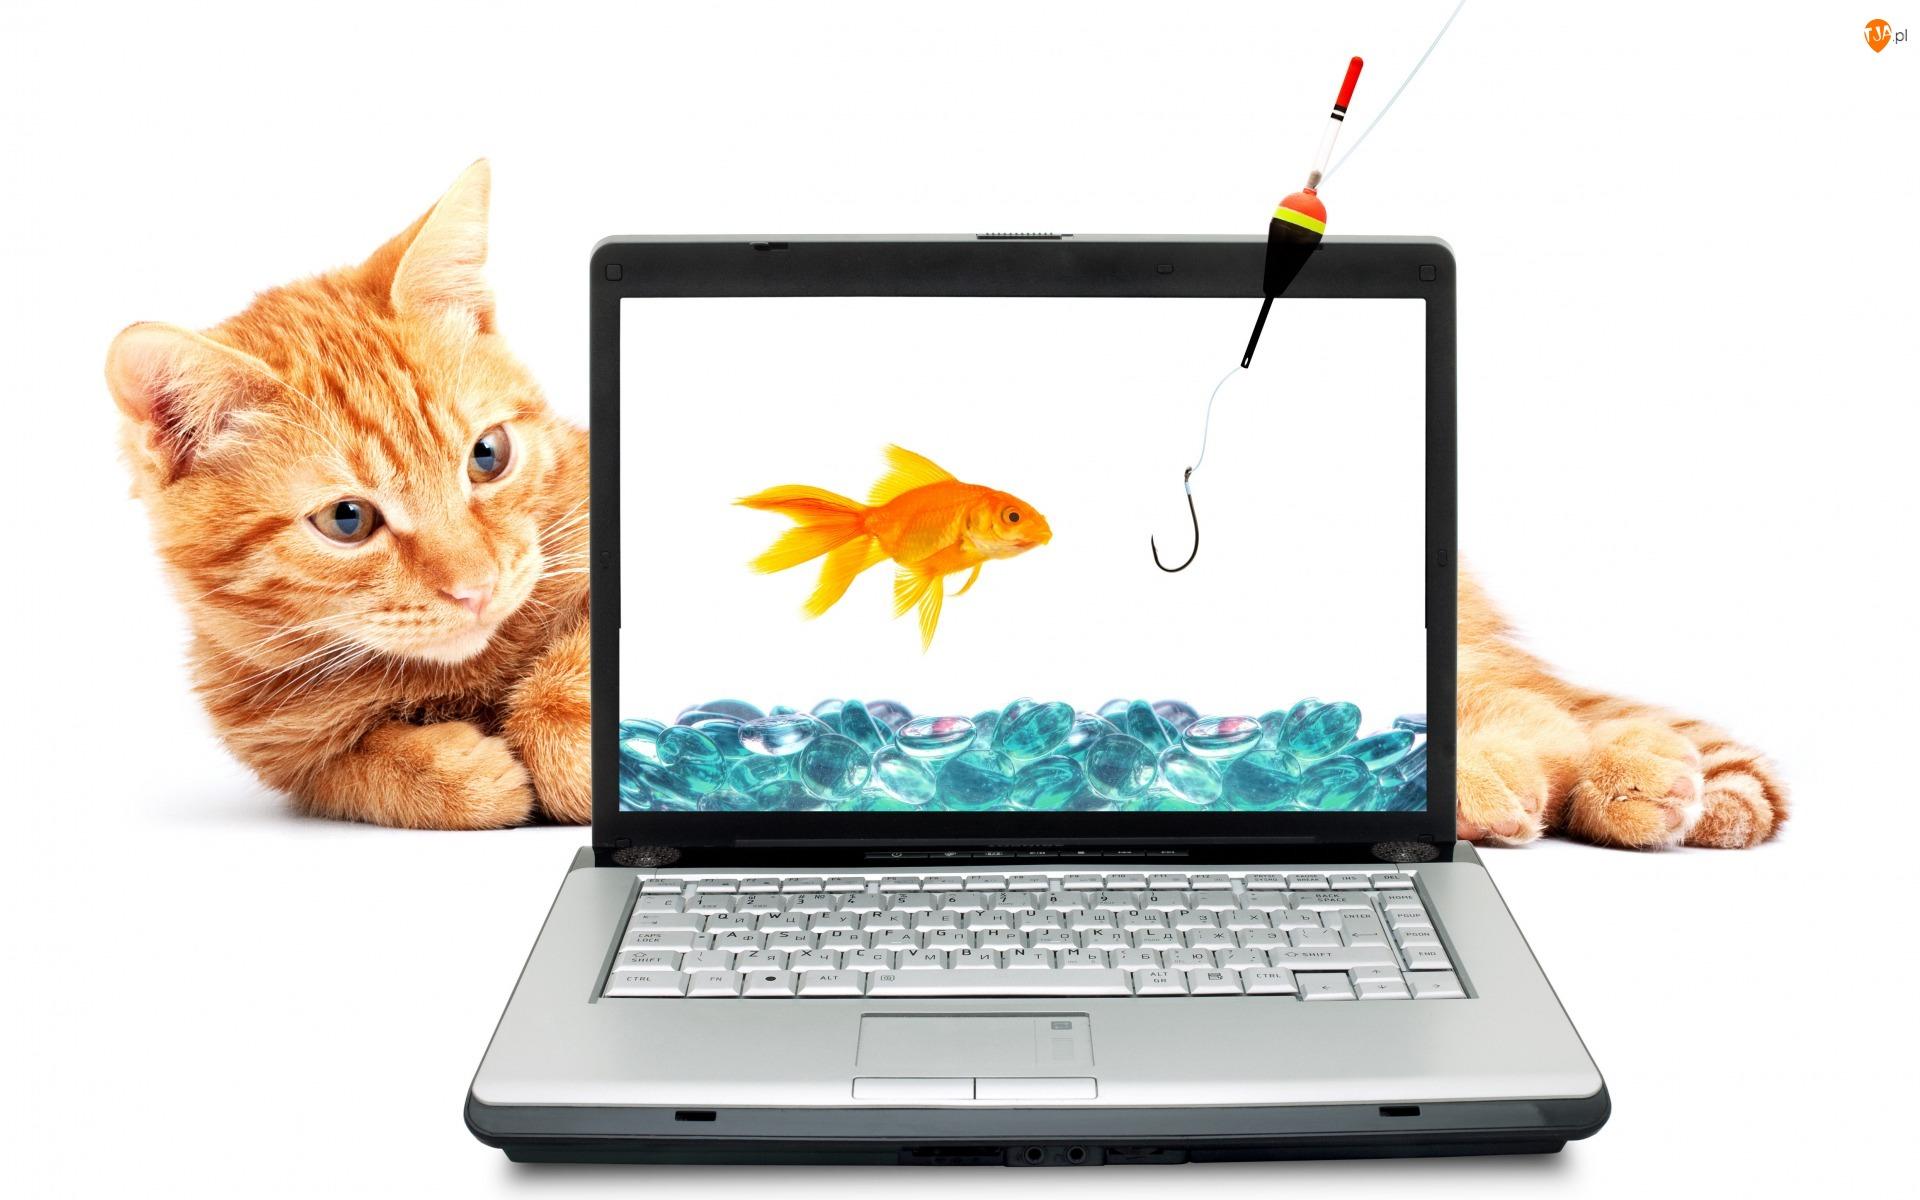 Wędka, Laptop, Kot, Śmieszne, Haczyk, Rudy, Rybka